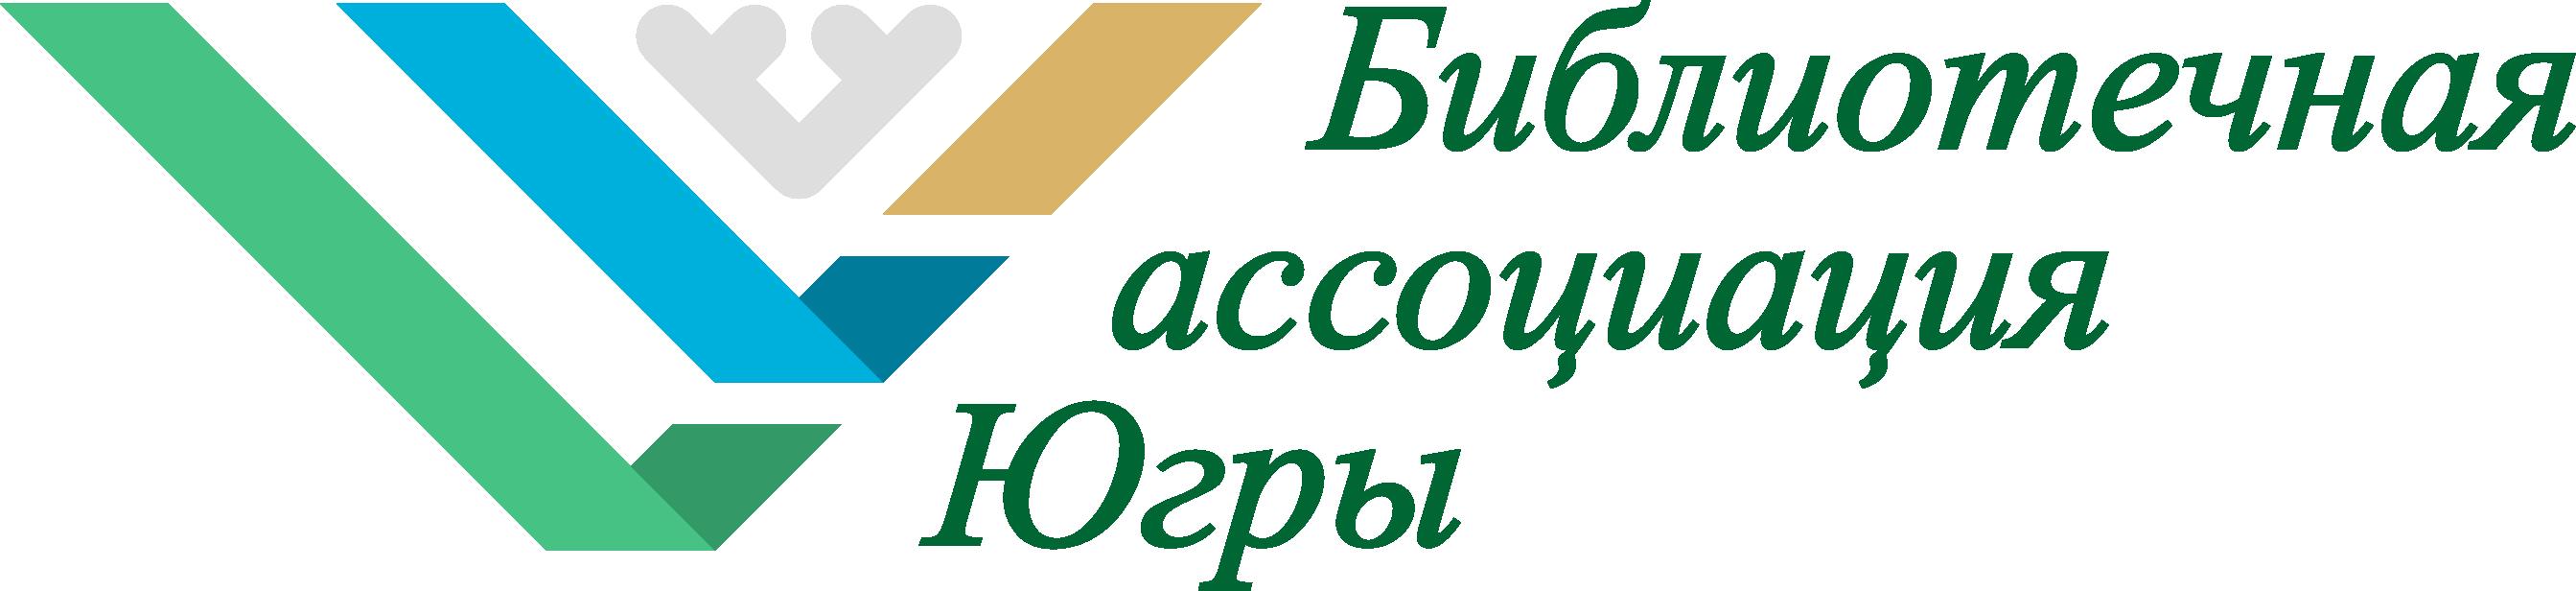 Библиотечная ассоциация Югры